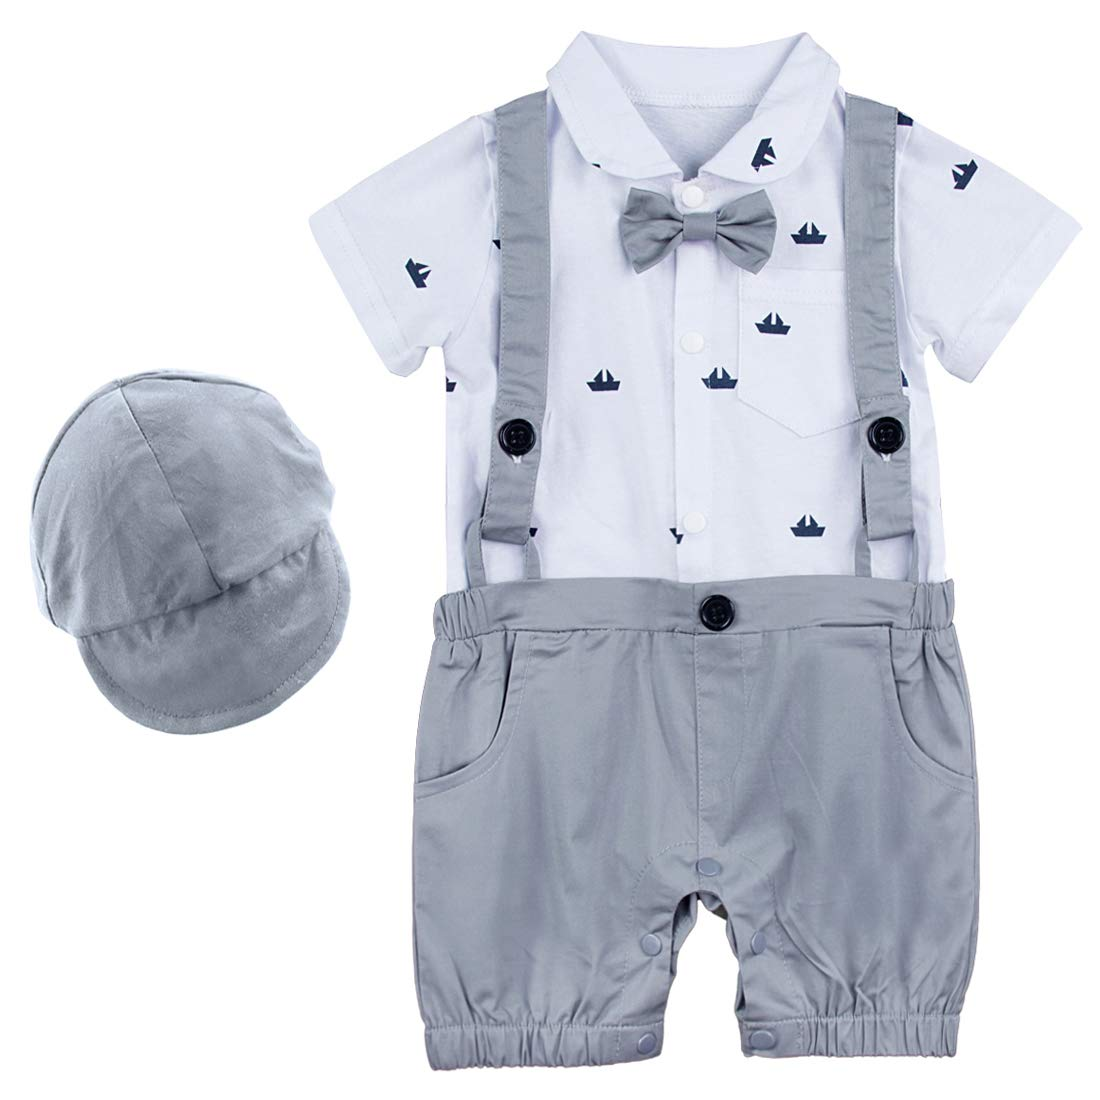 mit Fliege und Hut 100/% Baumwolle bedruckter Body A /& J DESIGN Baby Junge Gentleman Hosentr/äger Strampler 0-24 M